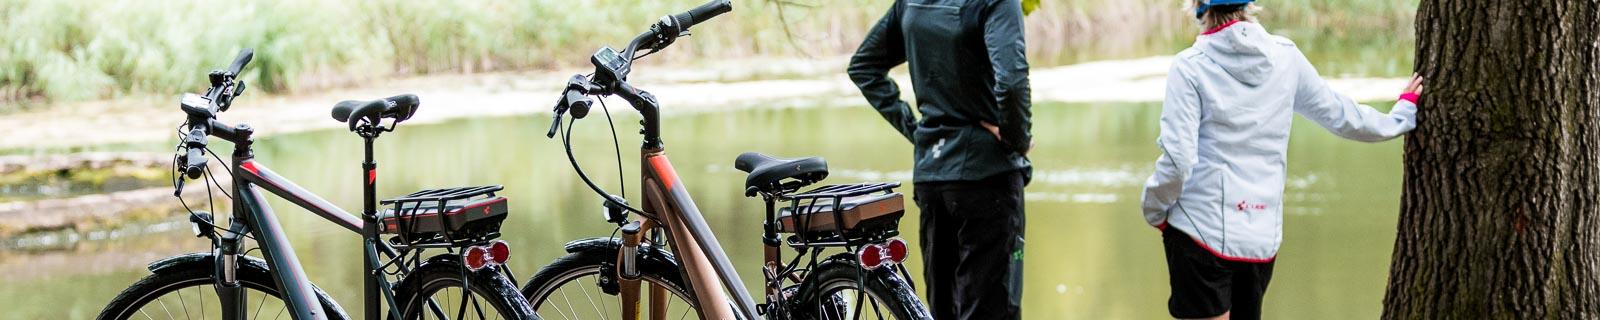 Touring E-Bikes